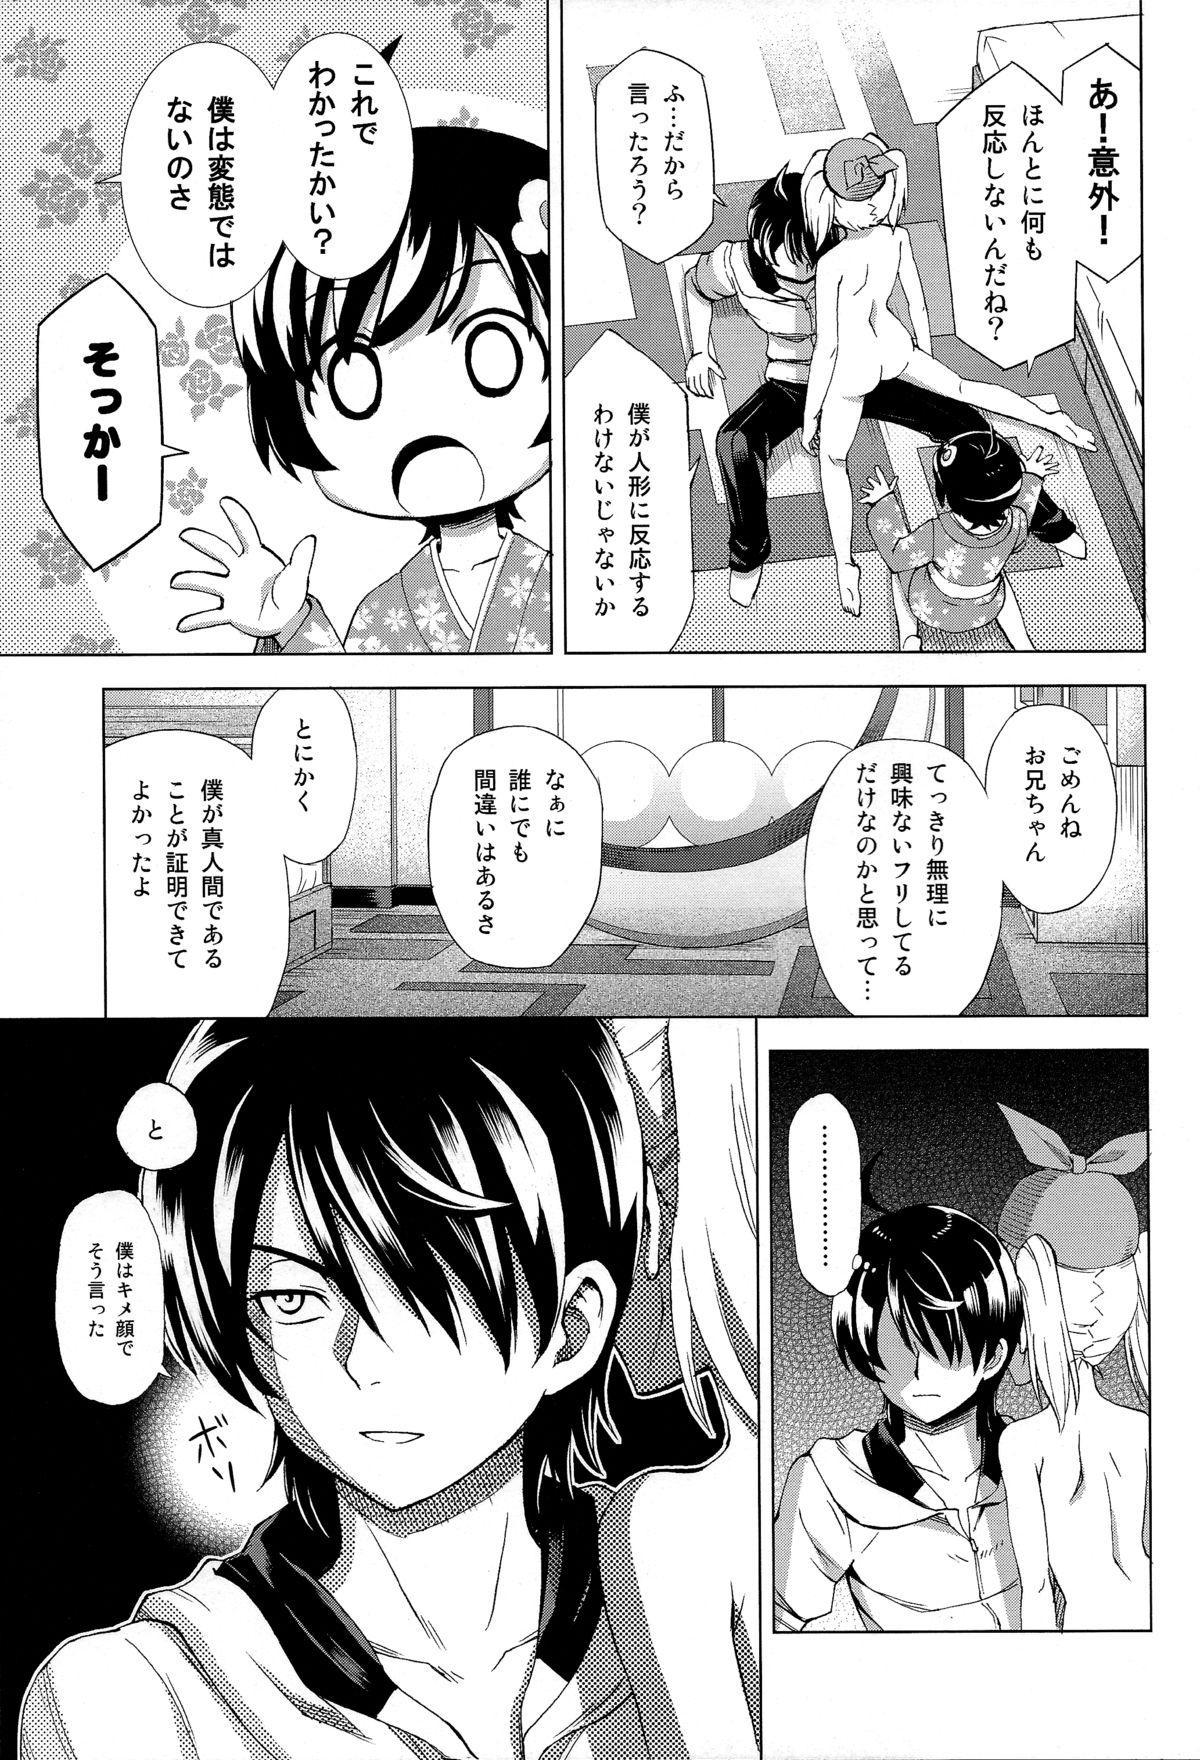 Hentai Judgment 16